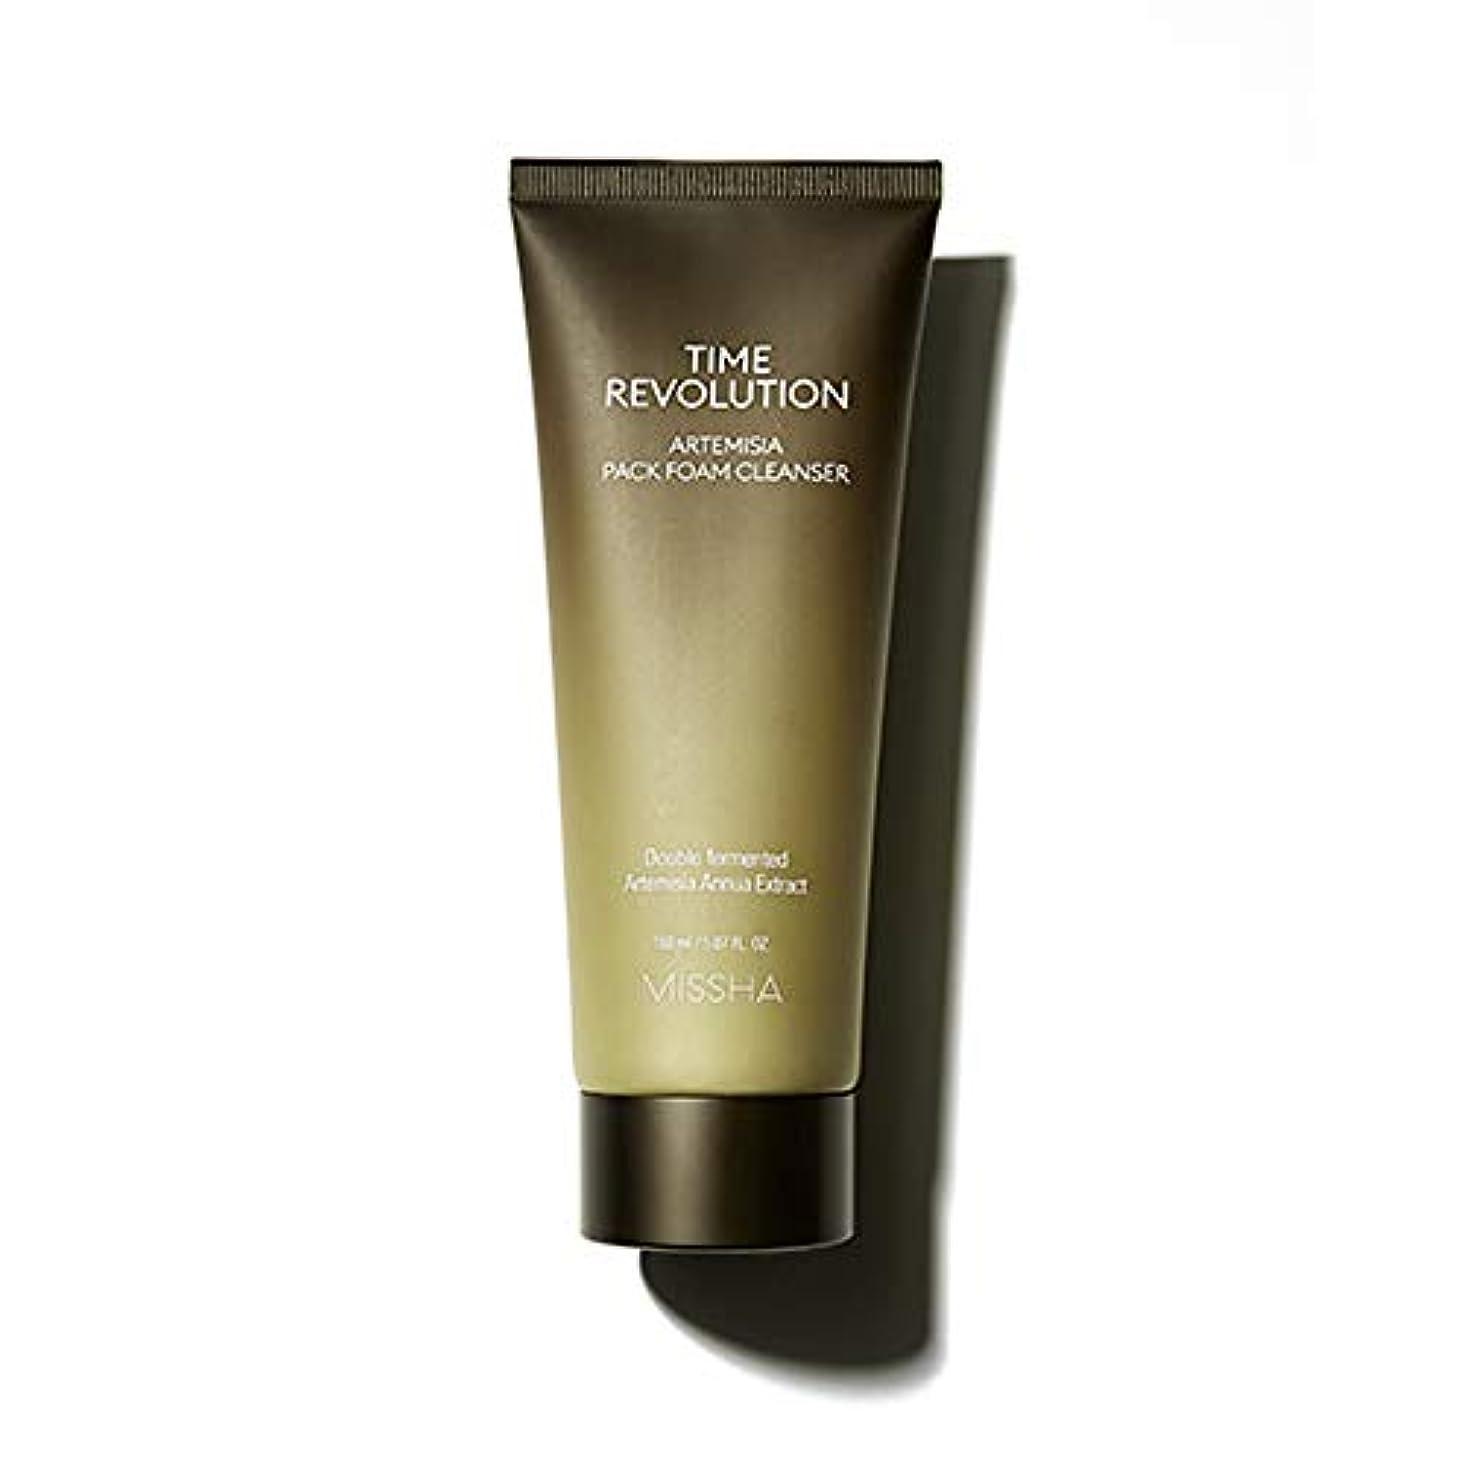 日の出排除気まぐれなMissha Time Revolution Artemisia Pack Foam Cleanser 150ml ミシャ タイム レボリューション アルテミシア パック ィー フォームクレンザー [並行輸入品]